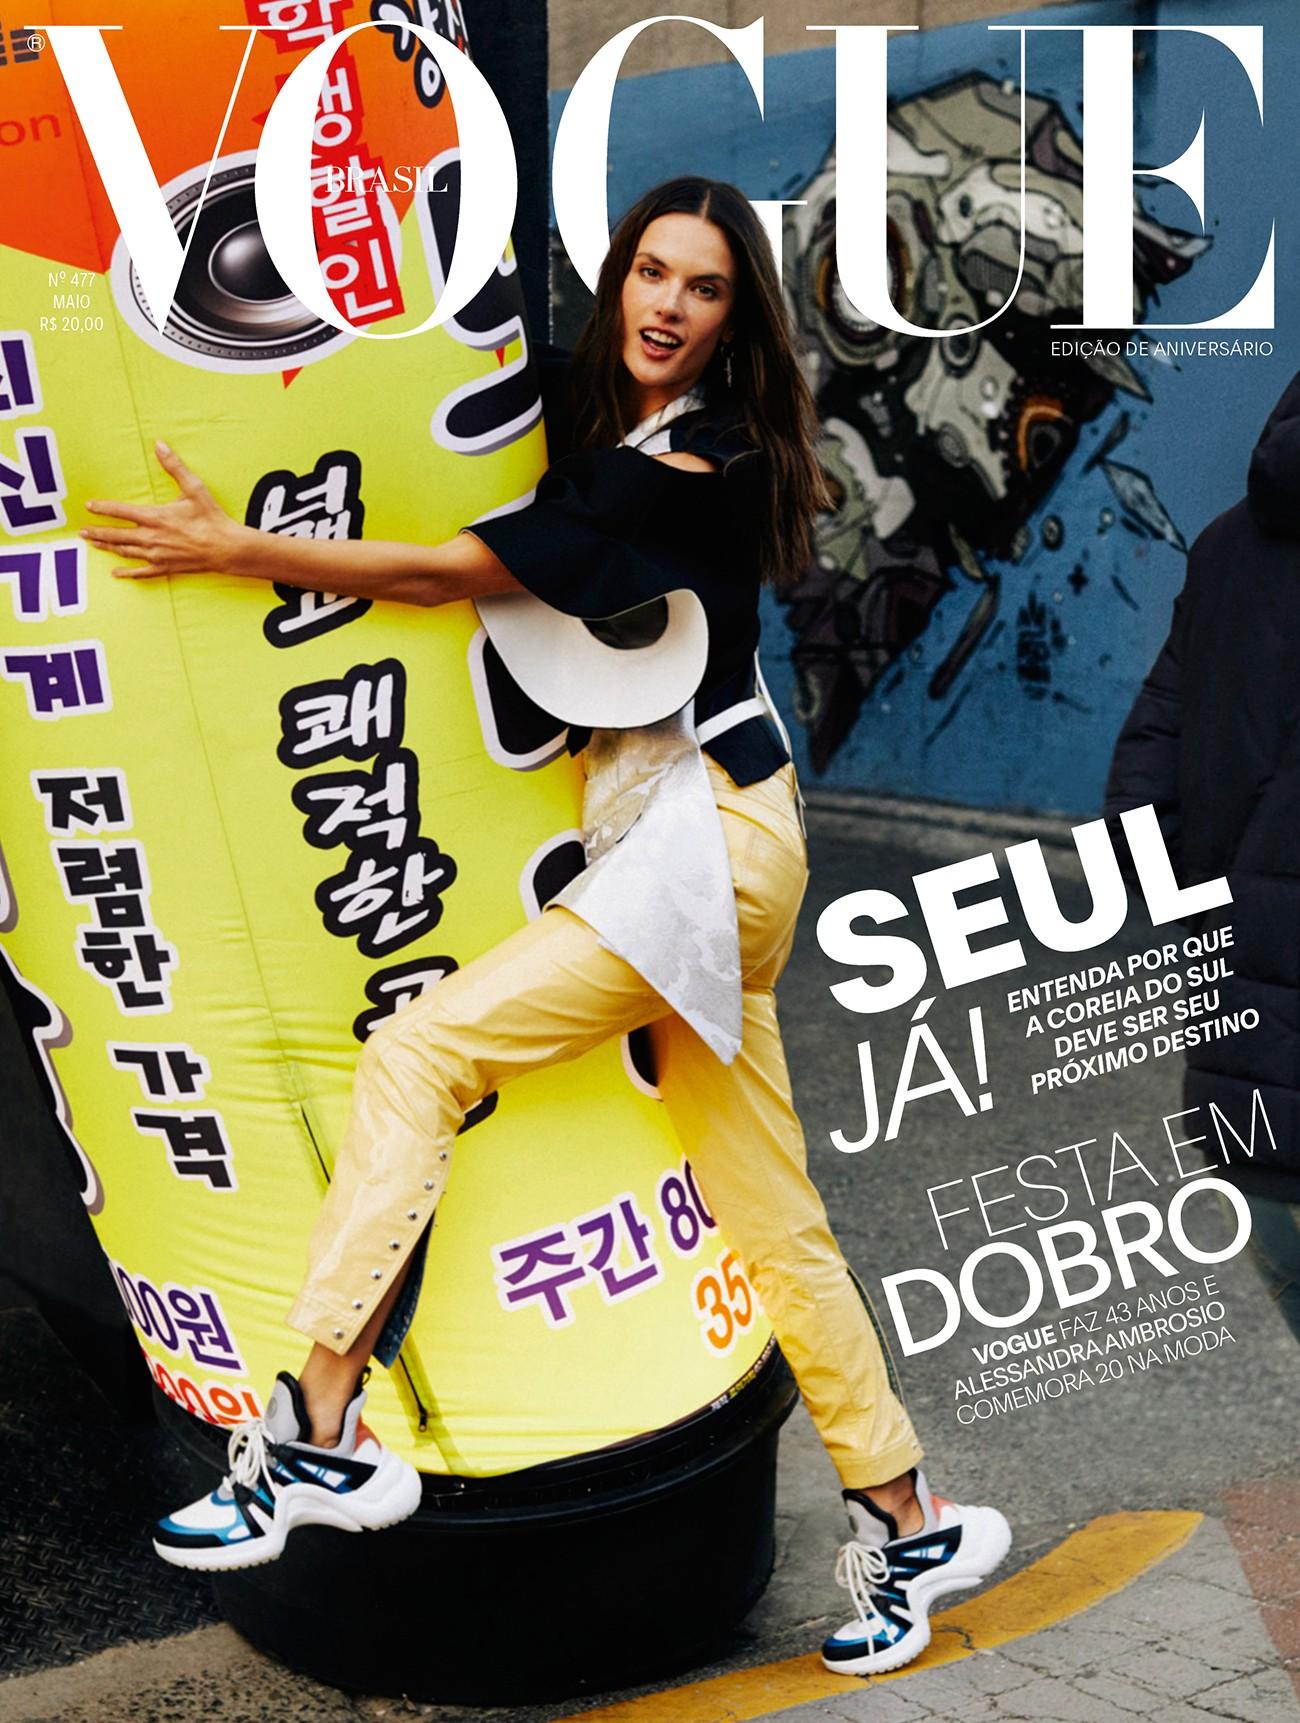 Com 9 milhões de seguidores no Instagram e uma das modelos mais adoradas do Brasil, a gaúcha Alessandra Ambrosio embarcou paraCoreia do Sulpara a sessão de fotos da capa e miolo de 40 páginas! A novidade fica por conta dos cliques, que foram realizados por Rafael Pavarotti pela câmera de um celular Galaxy S9 da Samsung. Aedição de moda foi de Yasmine Sterea.